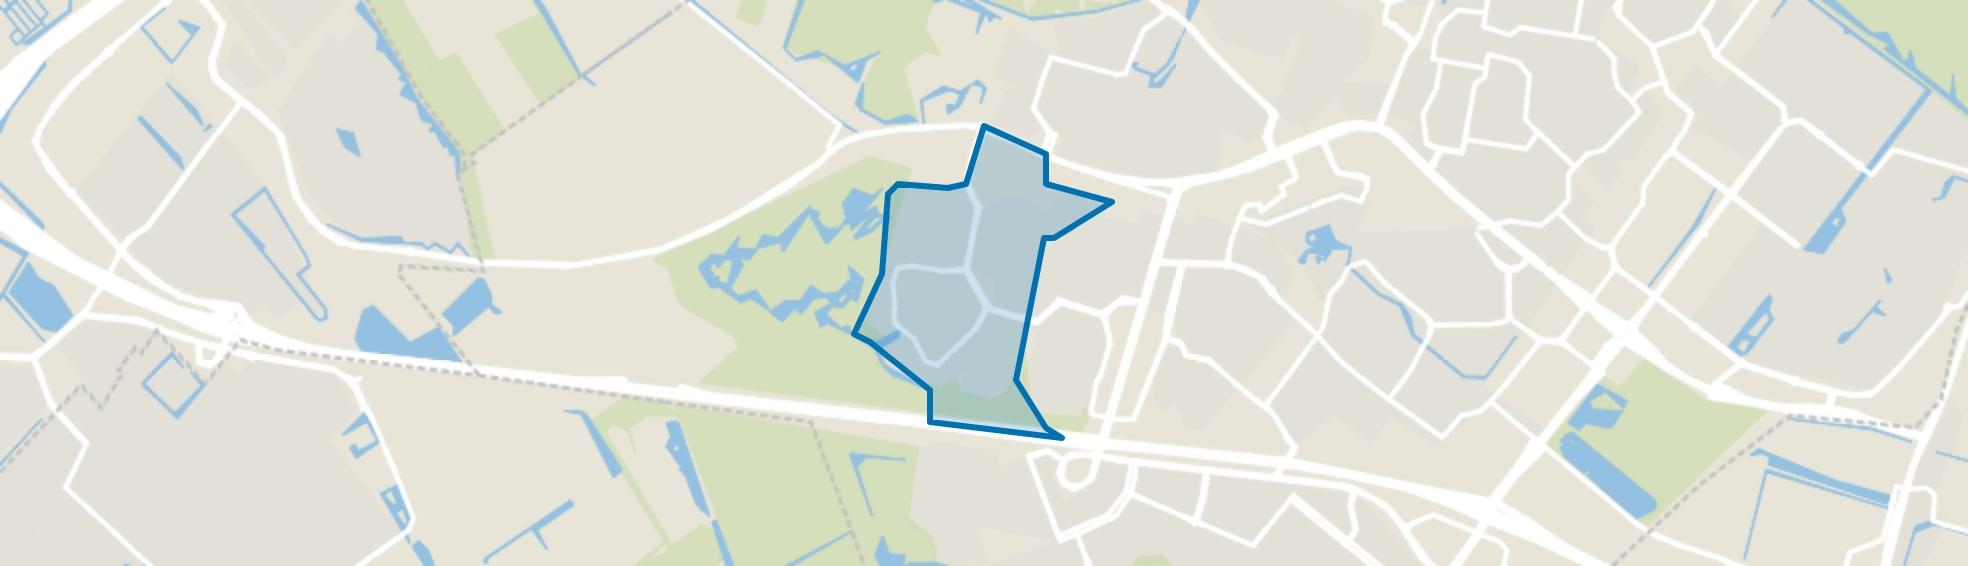 Meerzicht-West, Zoetermeer map